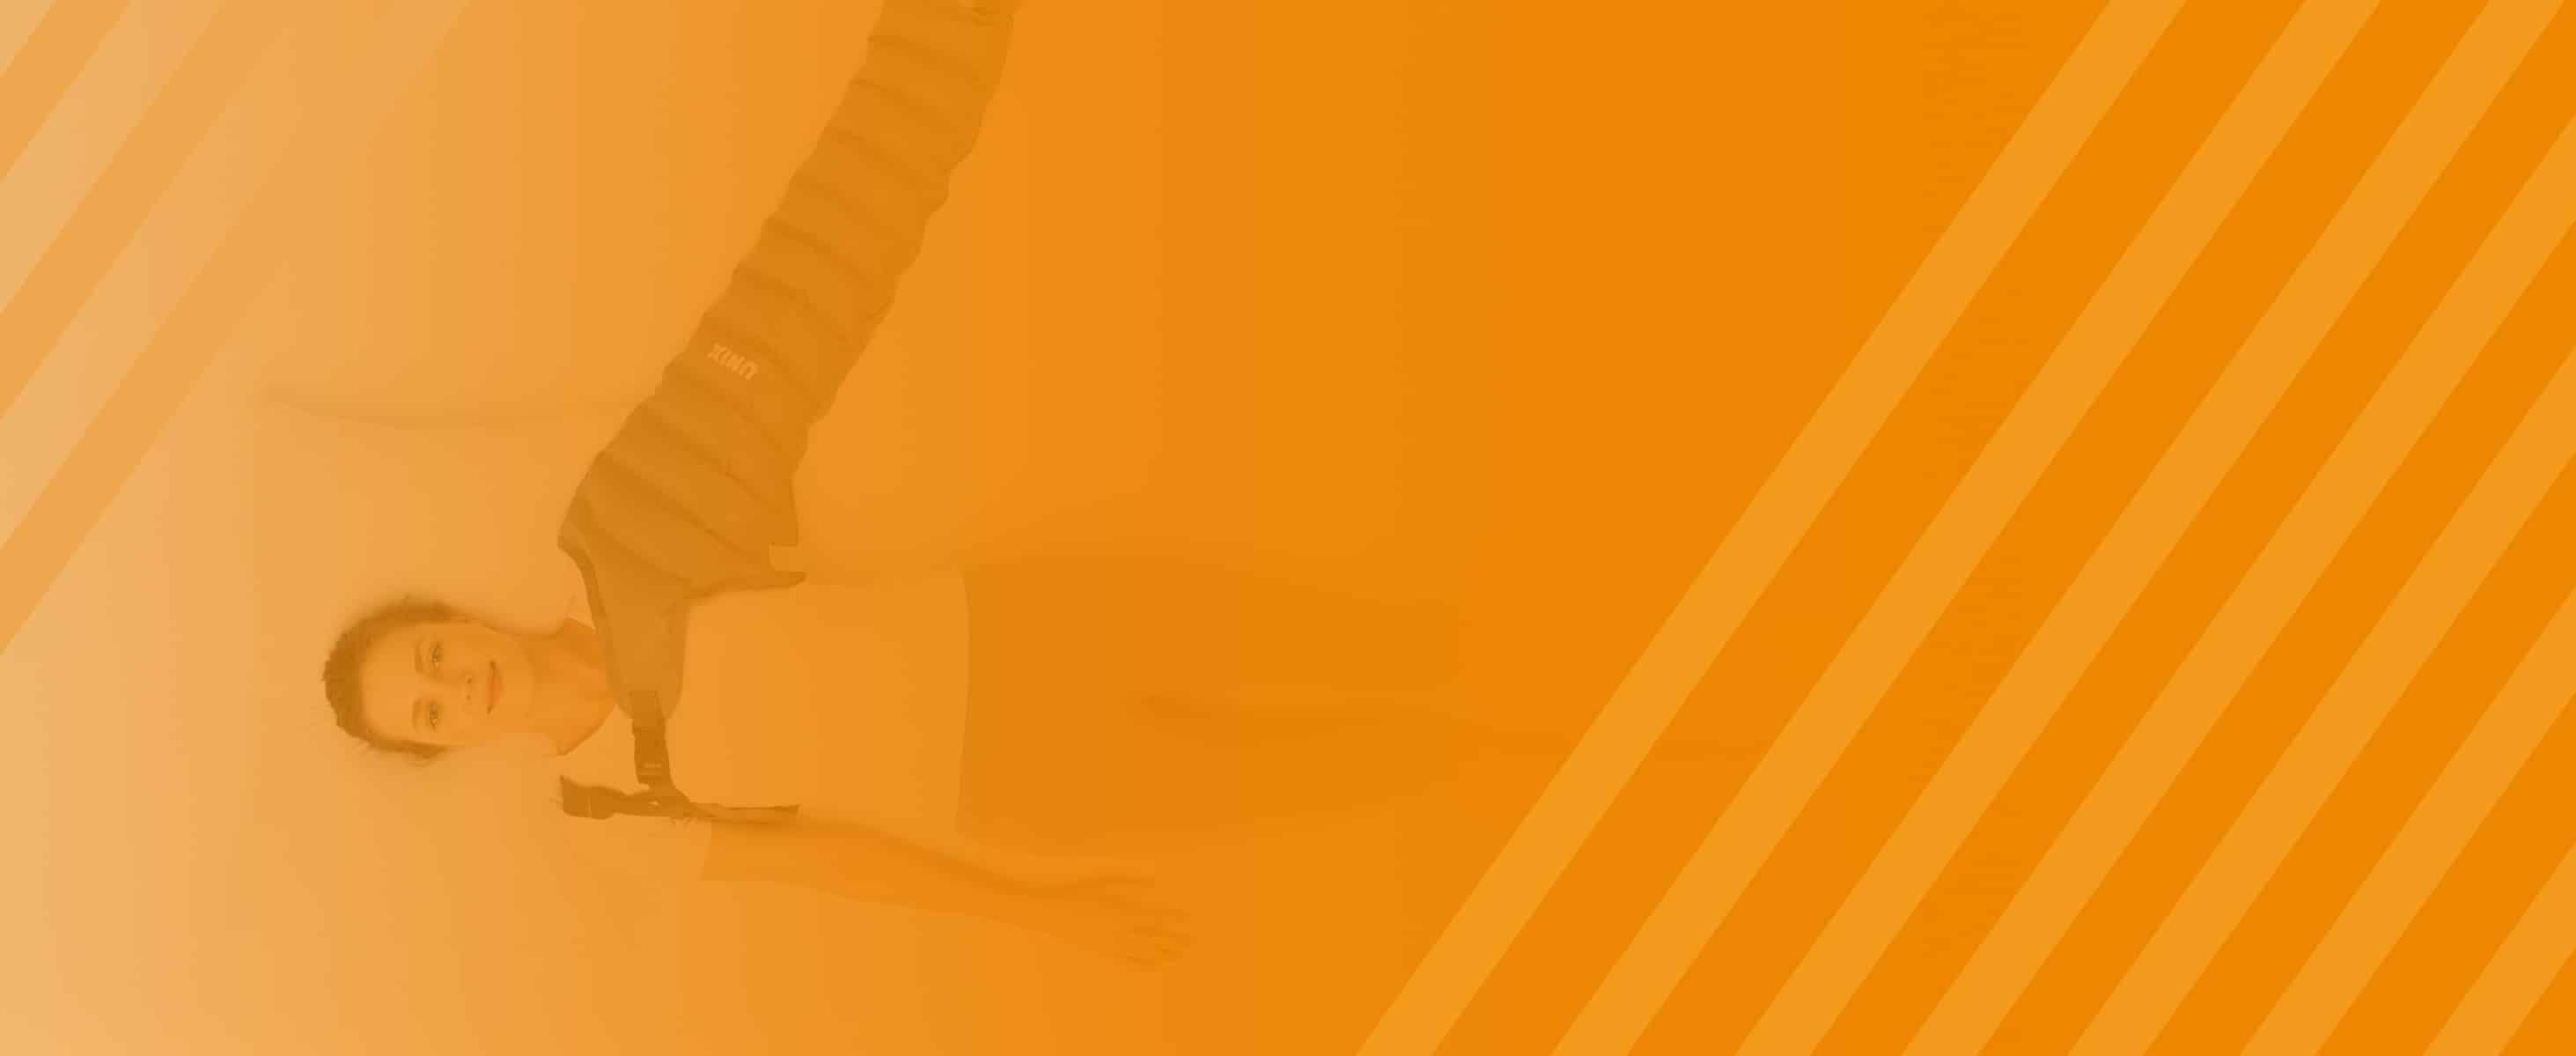 presoterapia profesional lympha master, fondo circulación, celulitis. Belium medical distribuidor españa